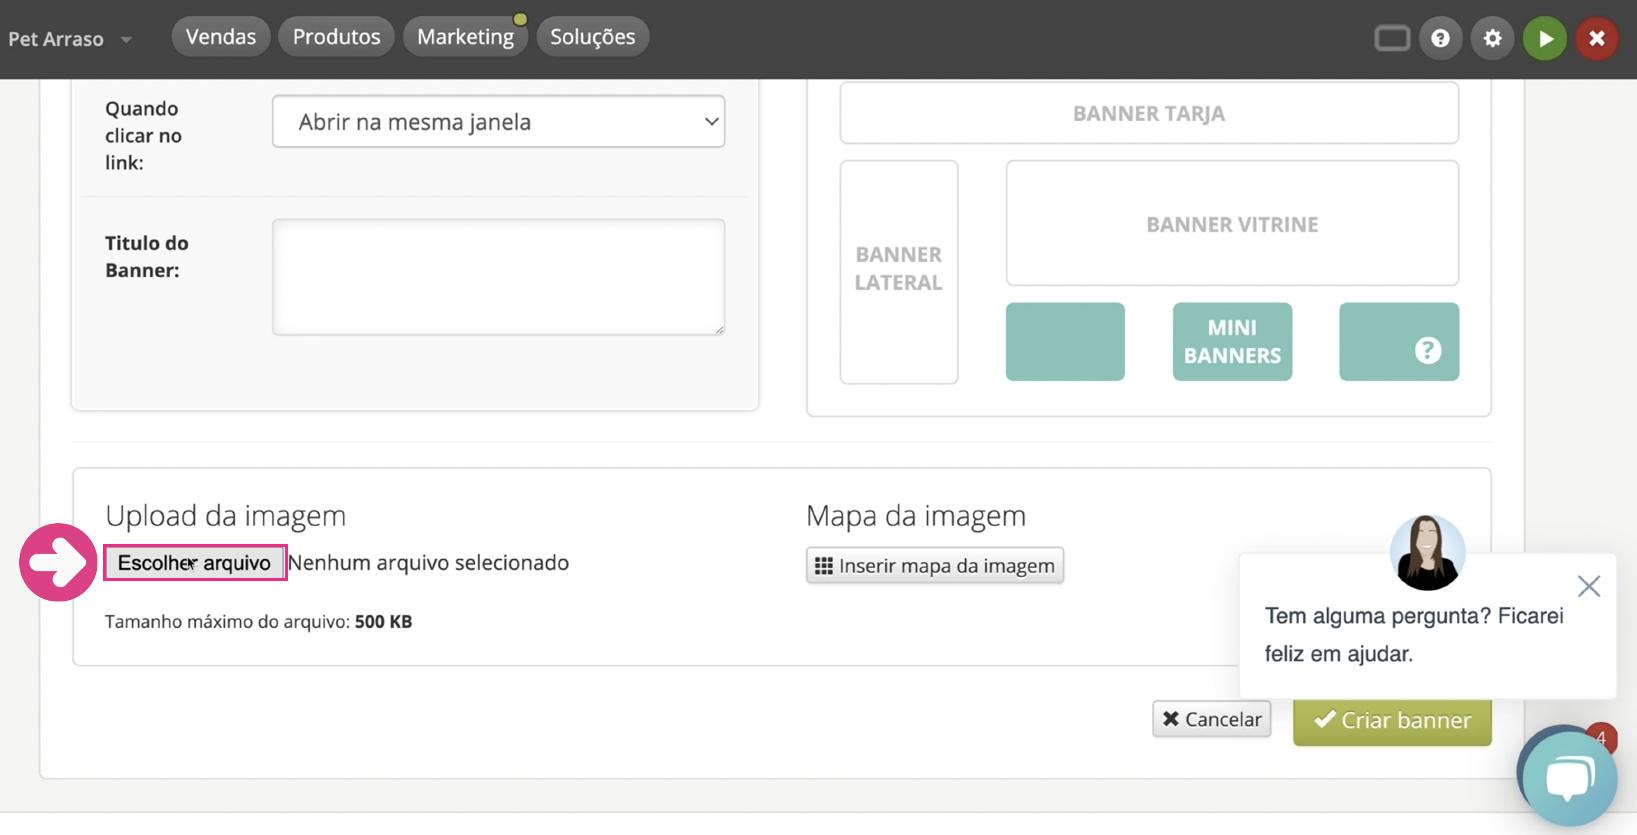 imagem14 como melhorar o visual da sua loja integrada sem comprar um tema